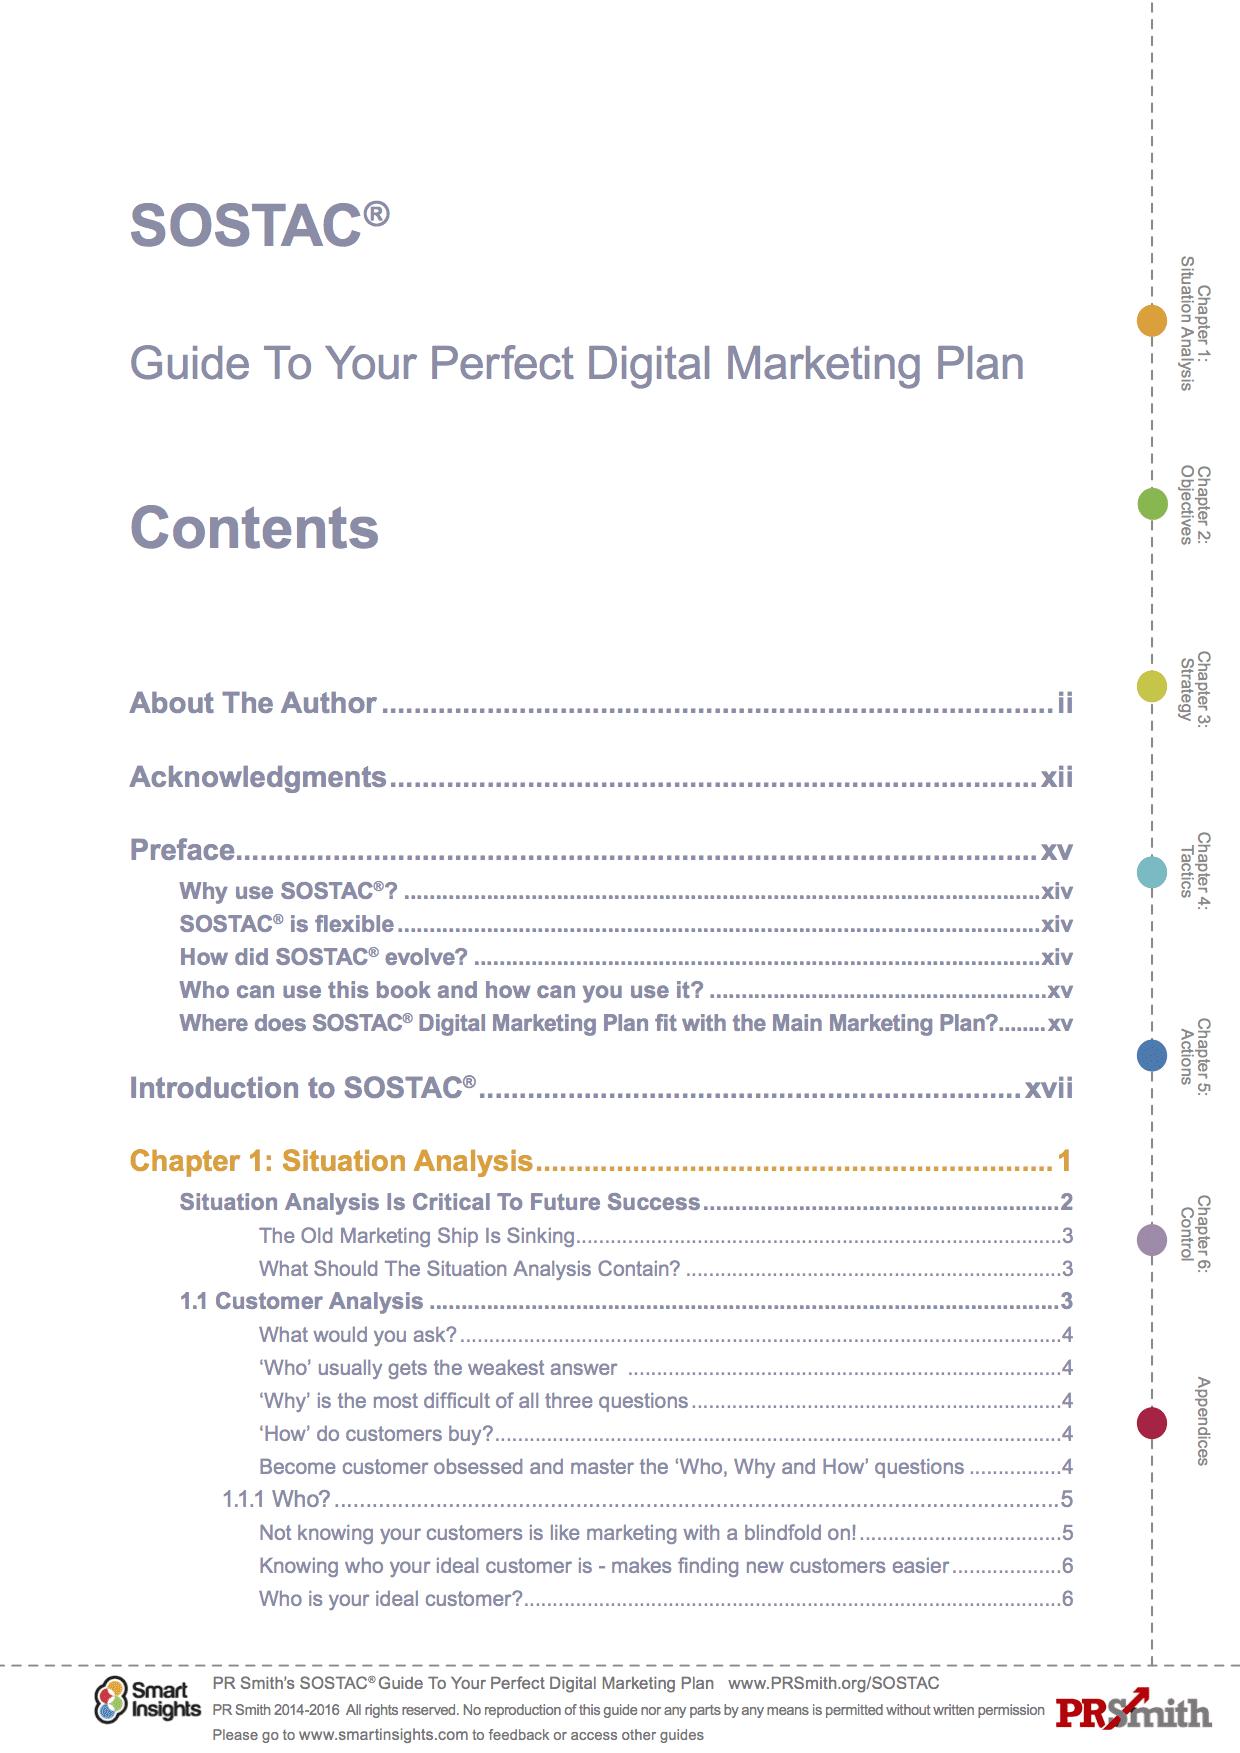 sostac digital marketing planning guide pdf